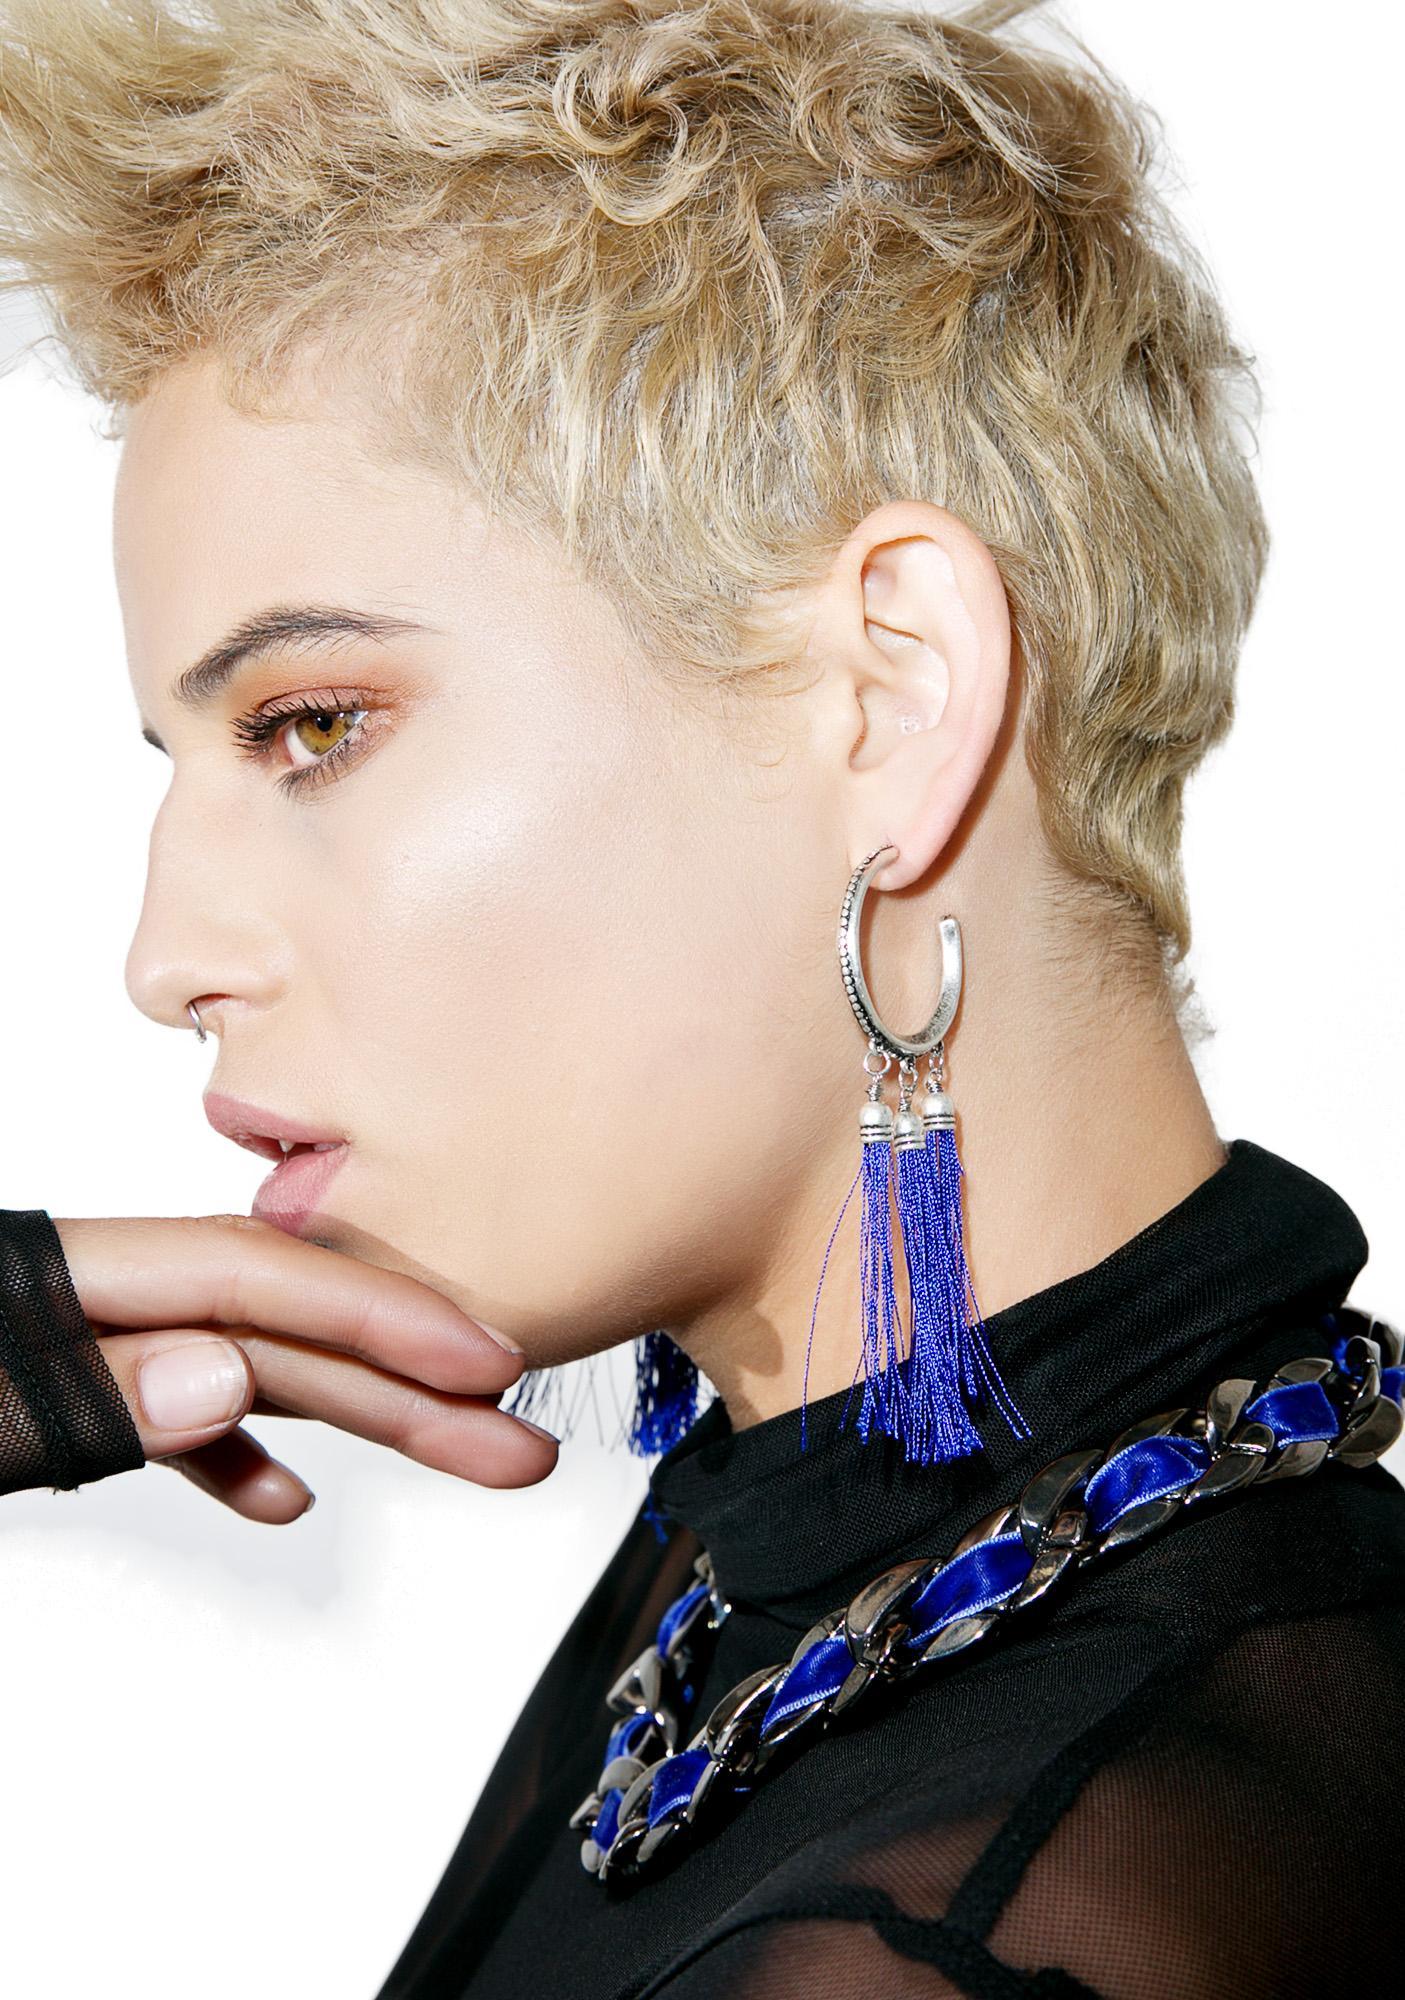 La Lune Fringed Earrings